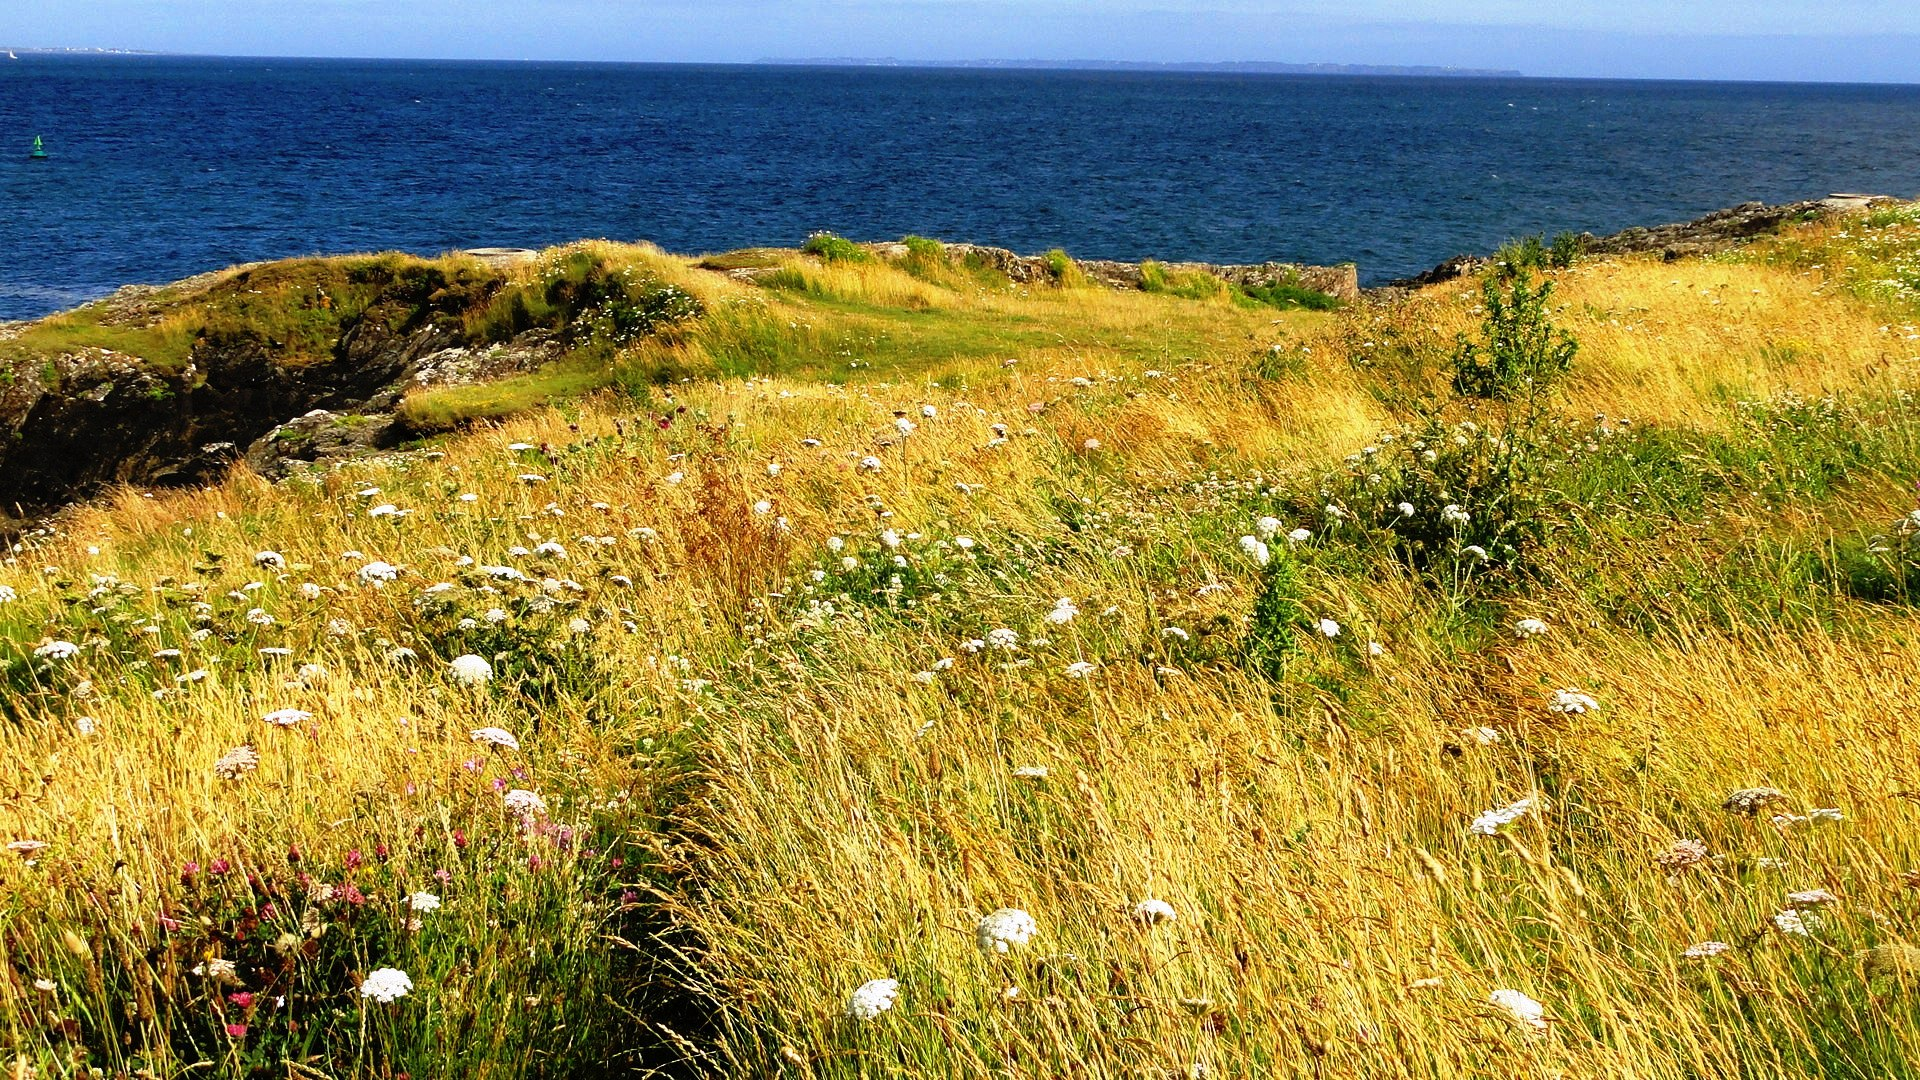 Côte bretonne - Entre Doëlan et Merrien, L'Ile de Groix au loin